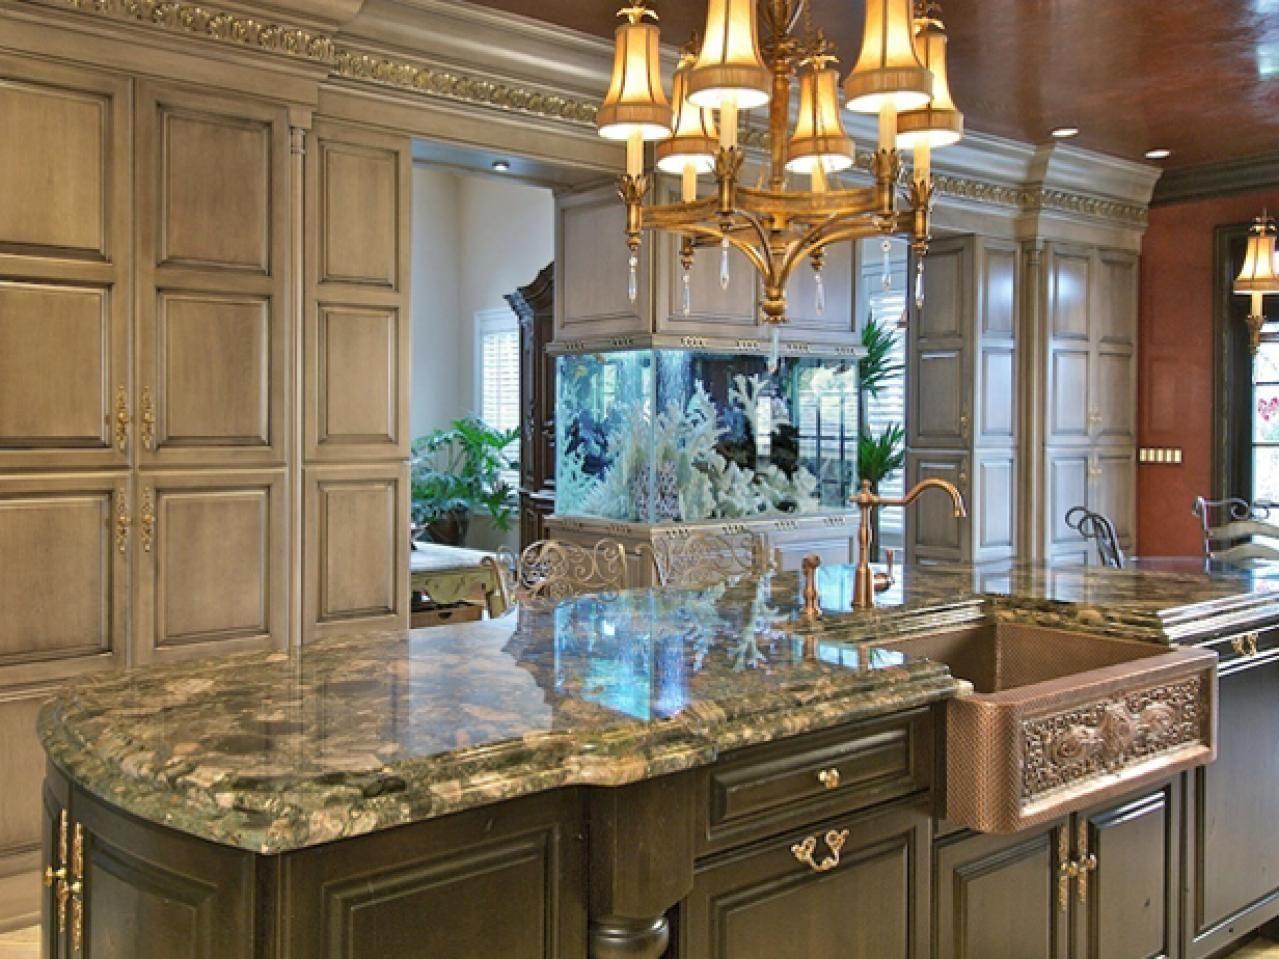 Elegant Kitchen Cabinet Hardware | http://betdaffaires.com ...